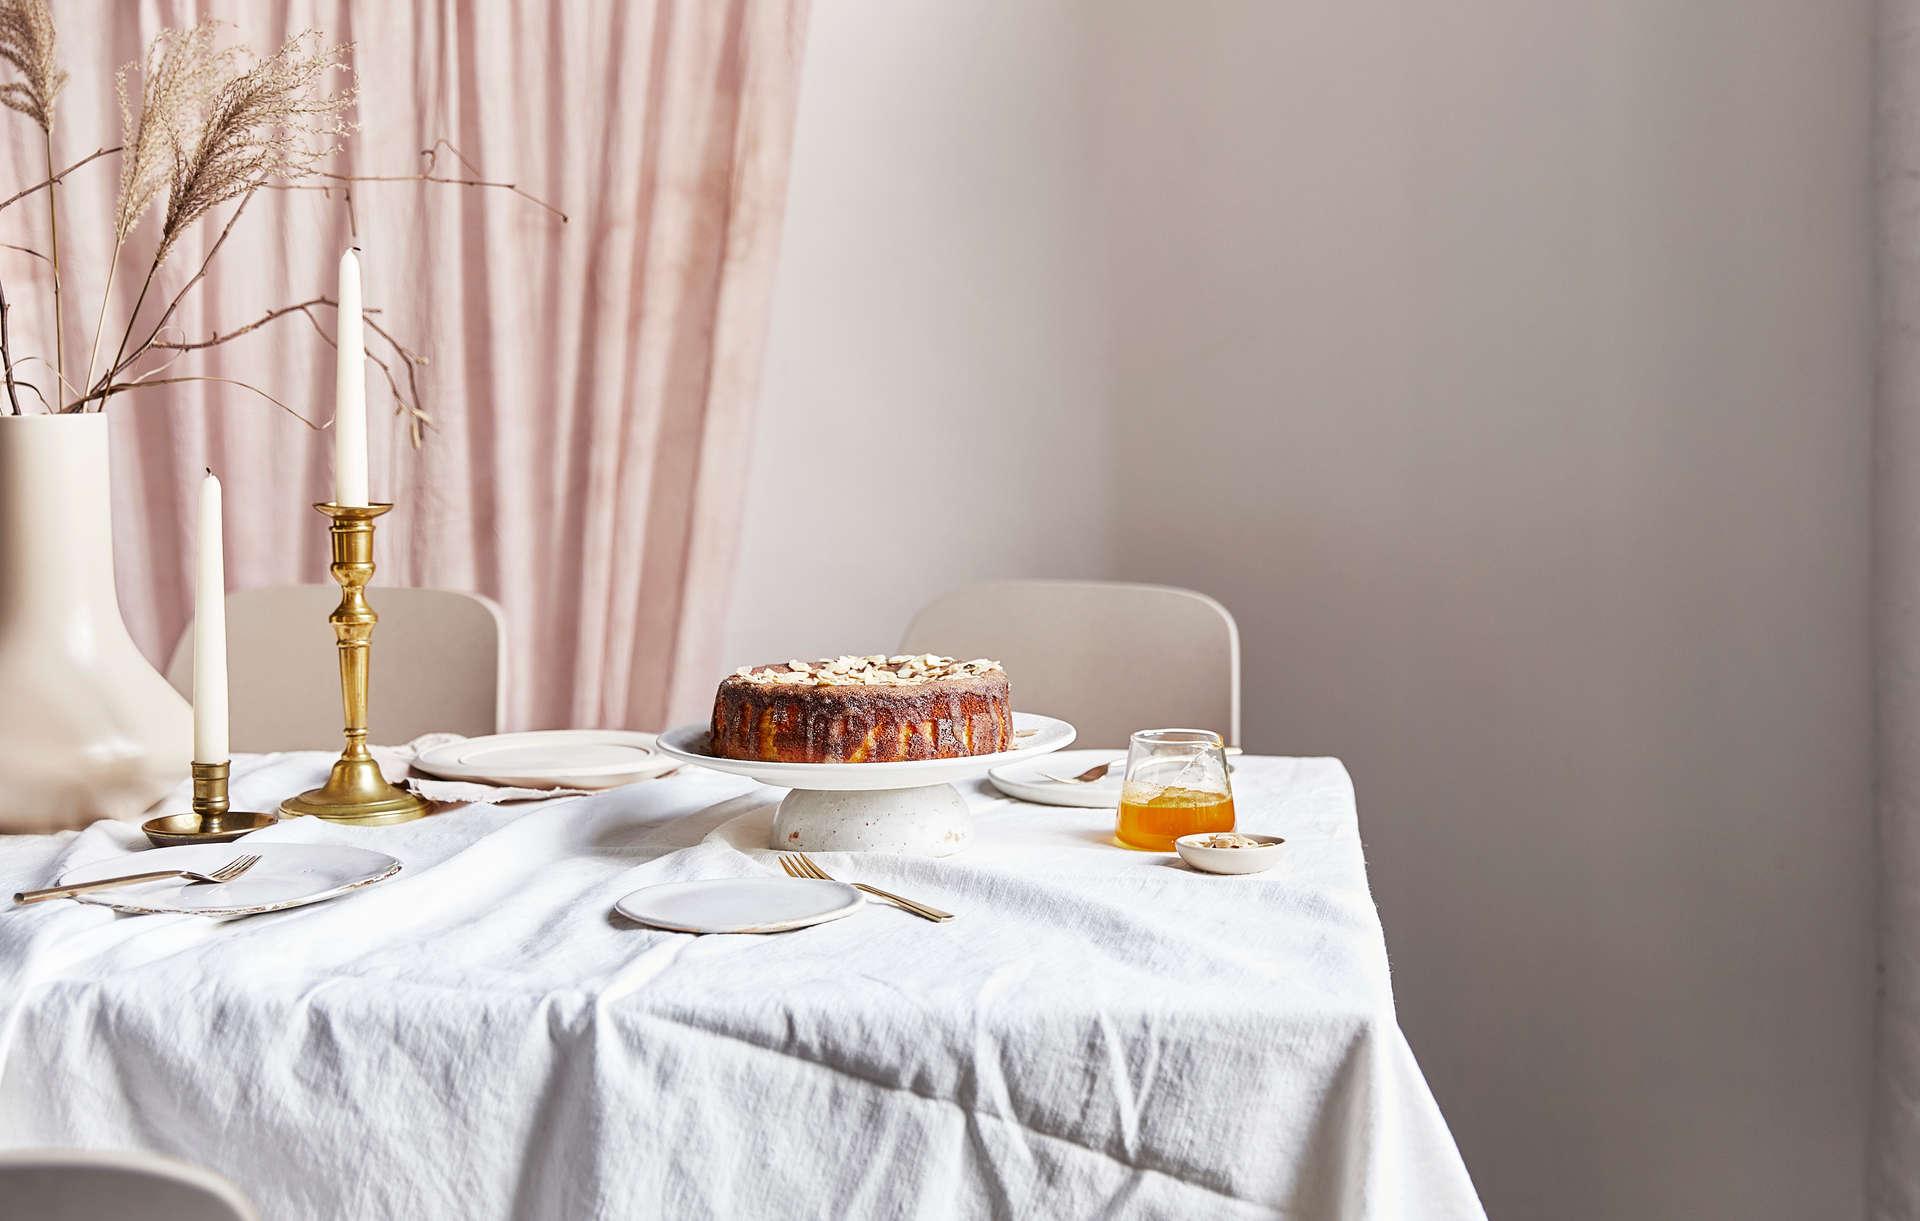 Cake Tablescape